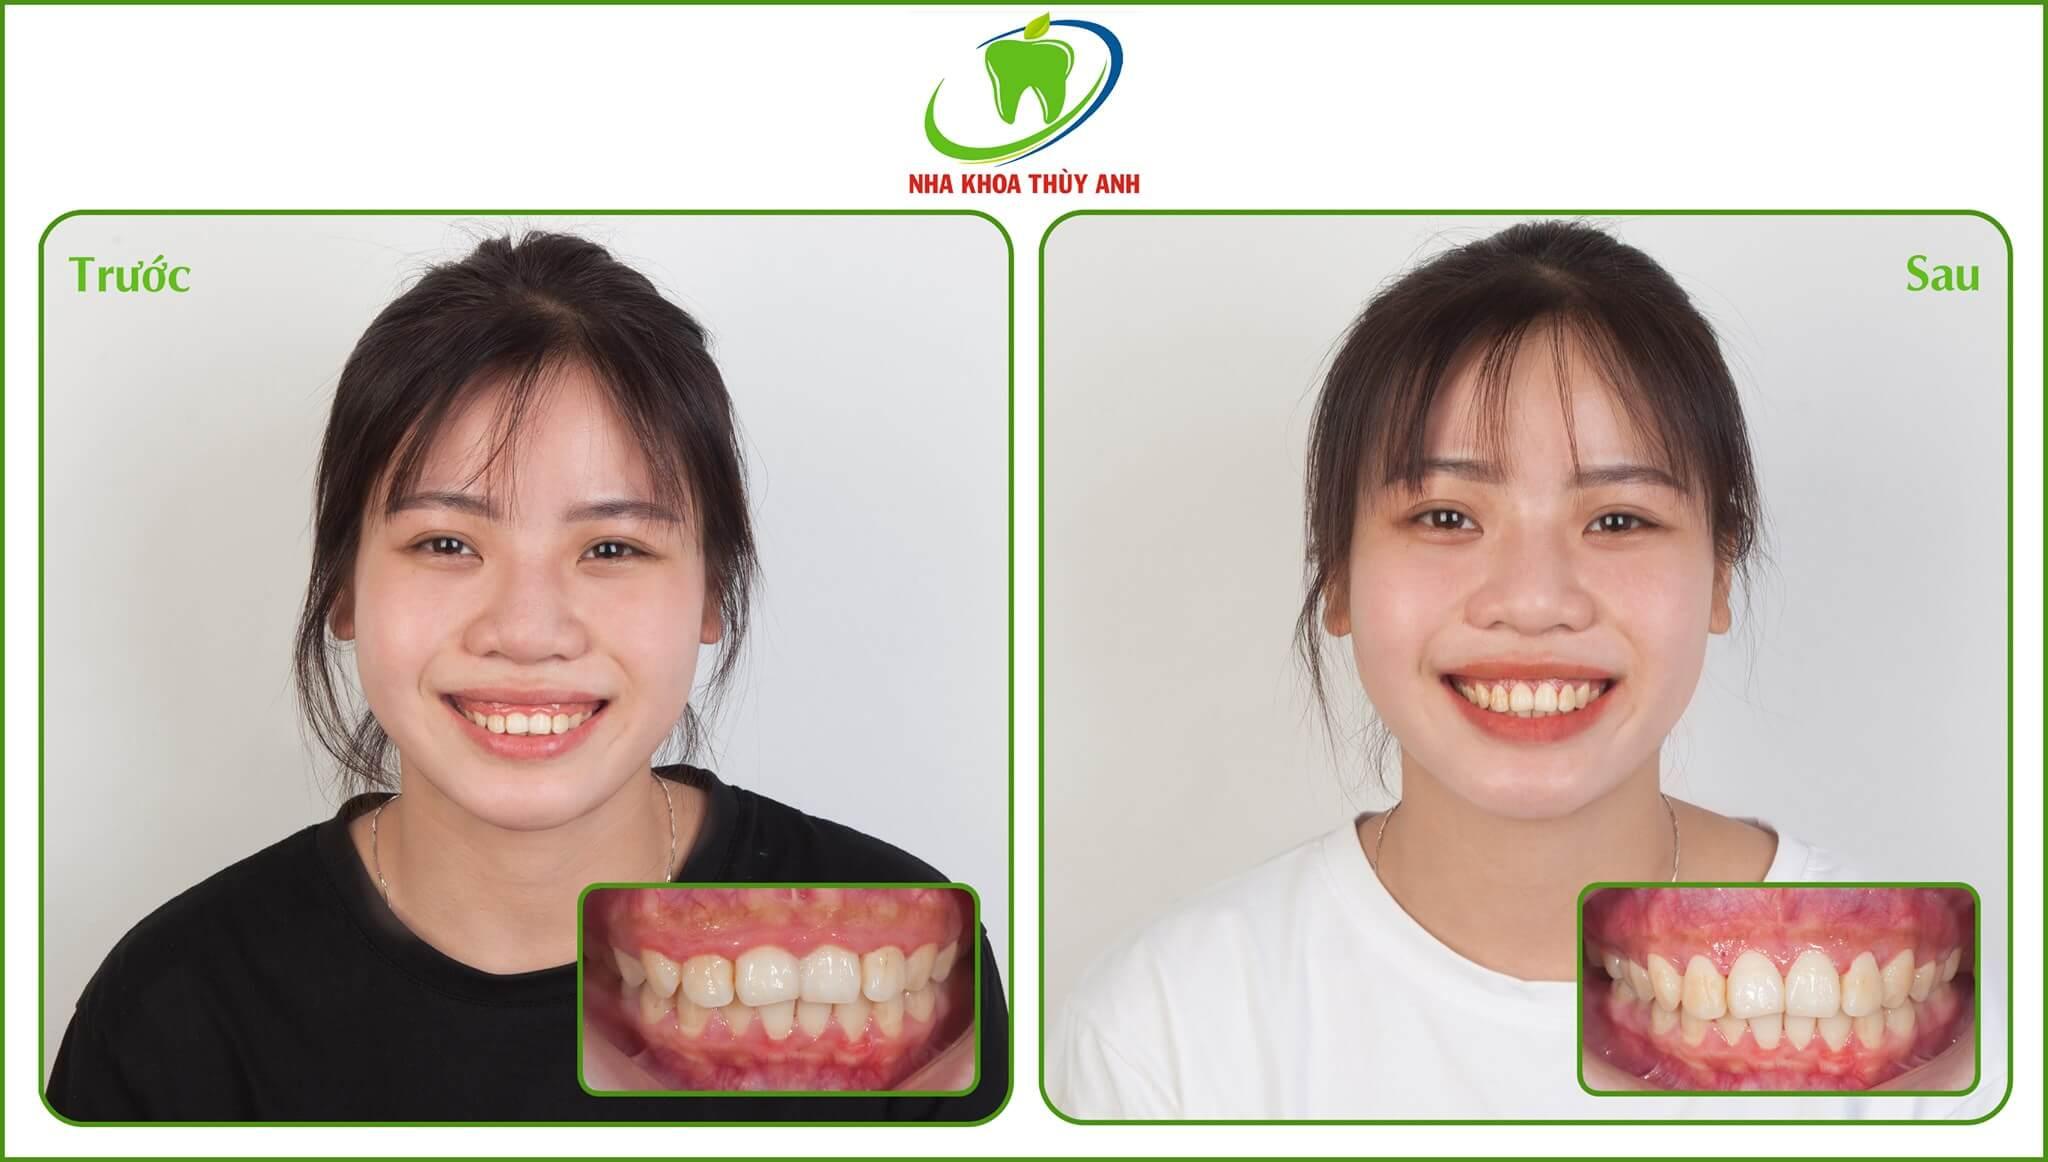 Cắt lợi, tạo hình xương ổ răng có làm yếu răng không? Nha khoa Thùy Anh